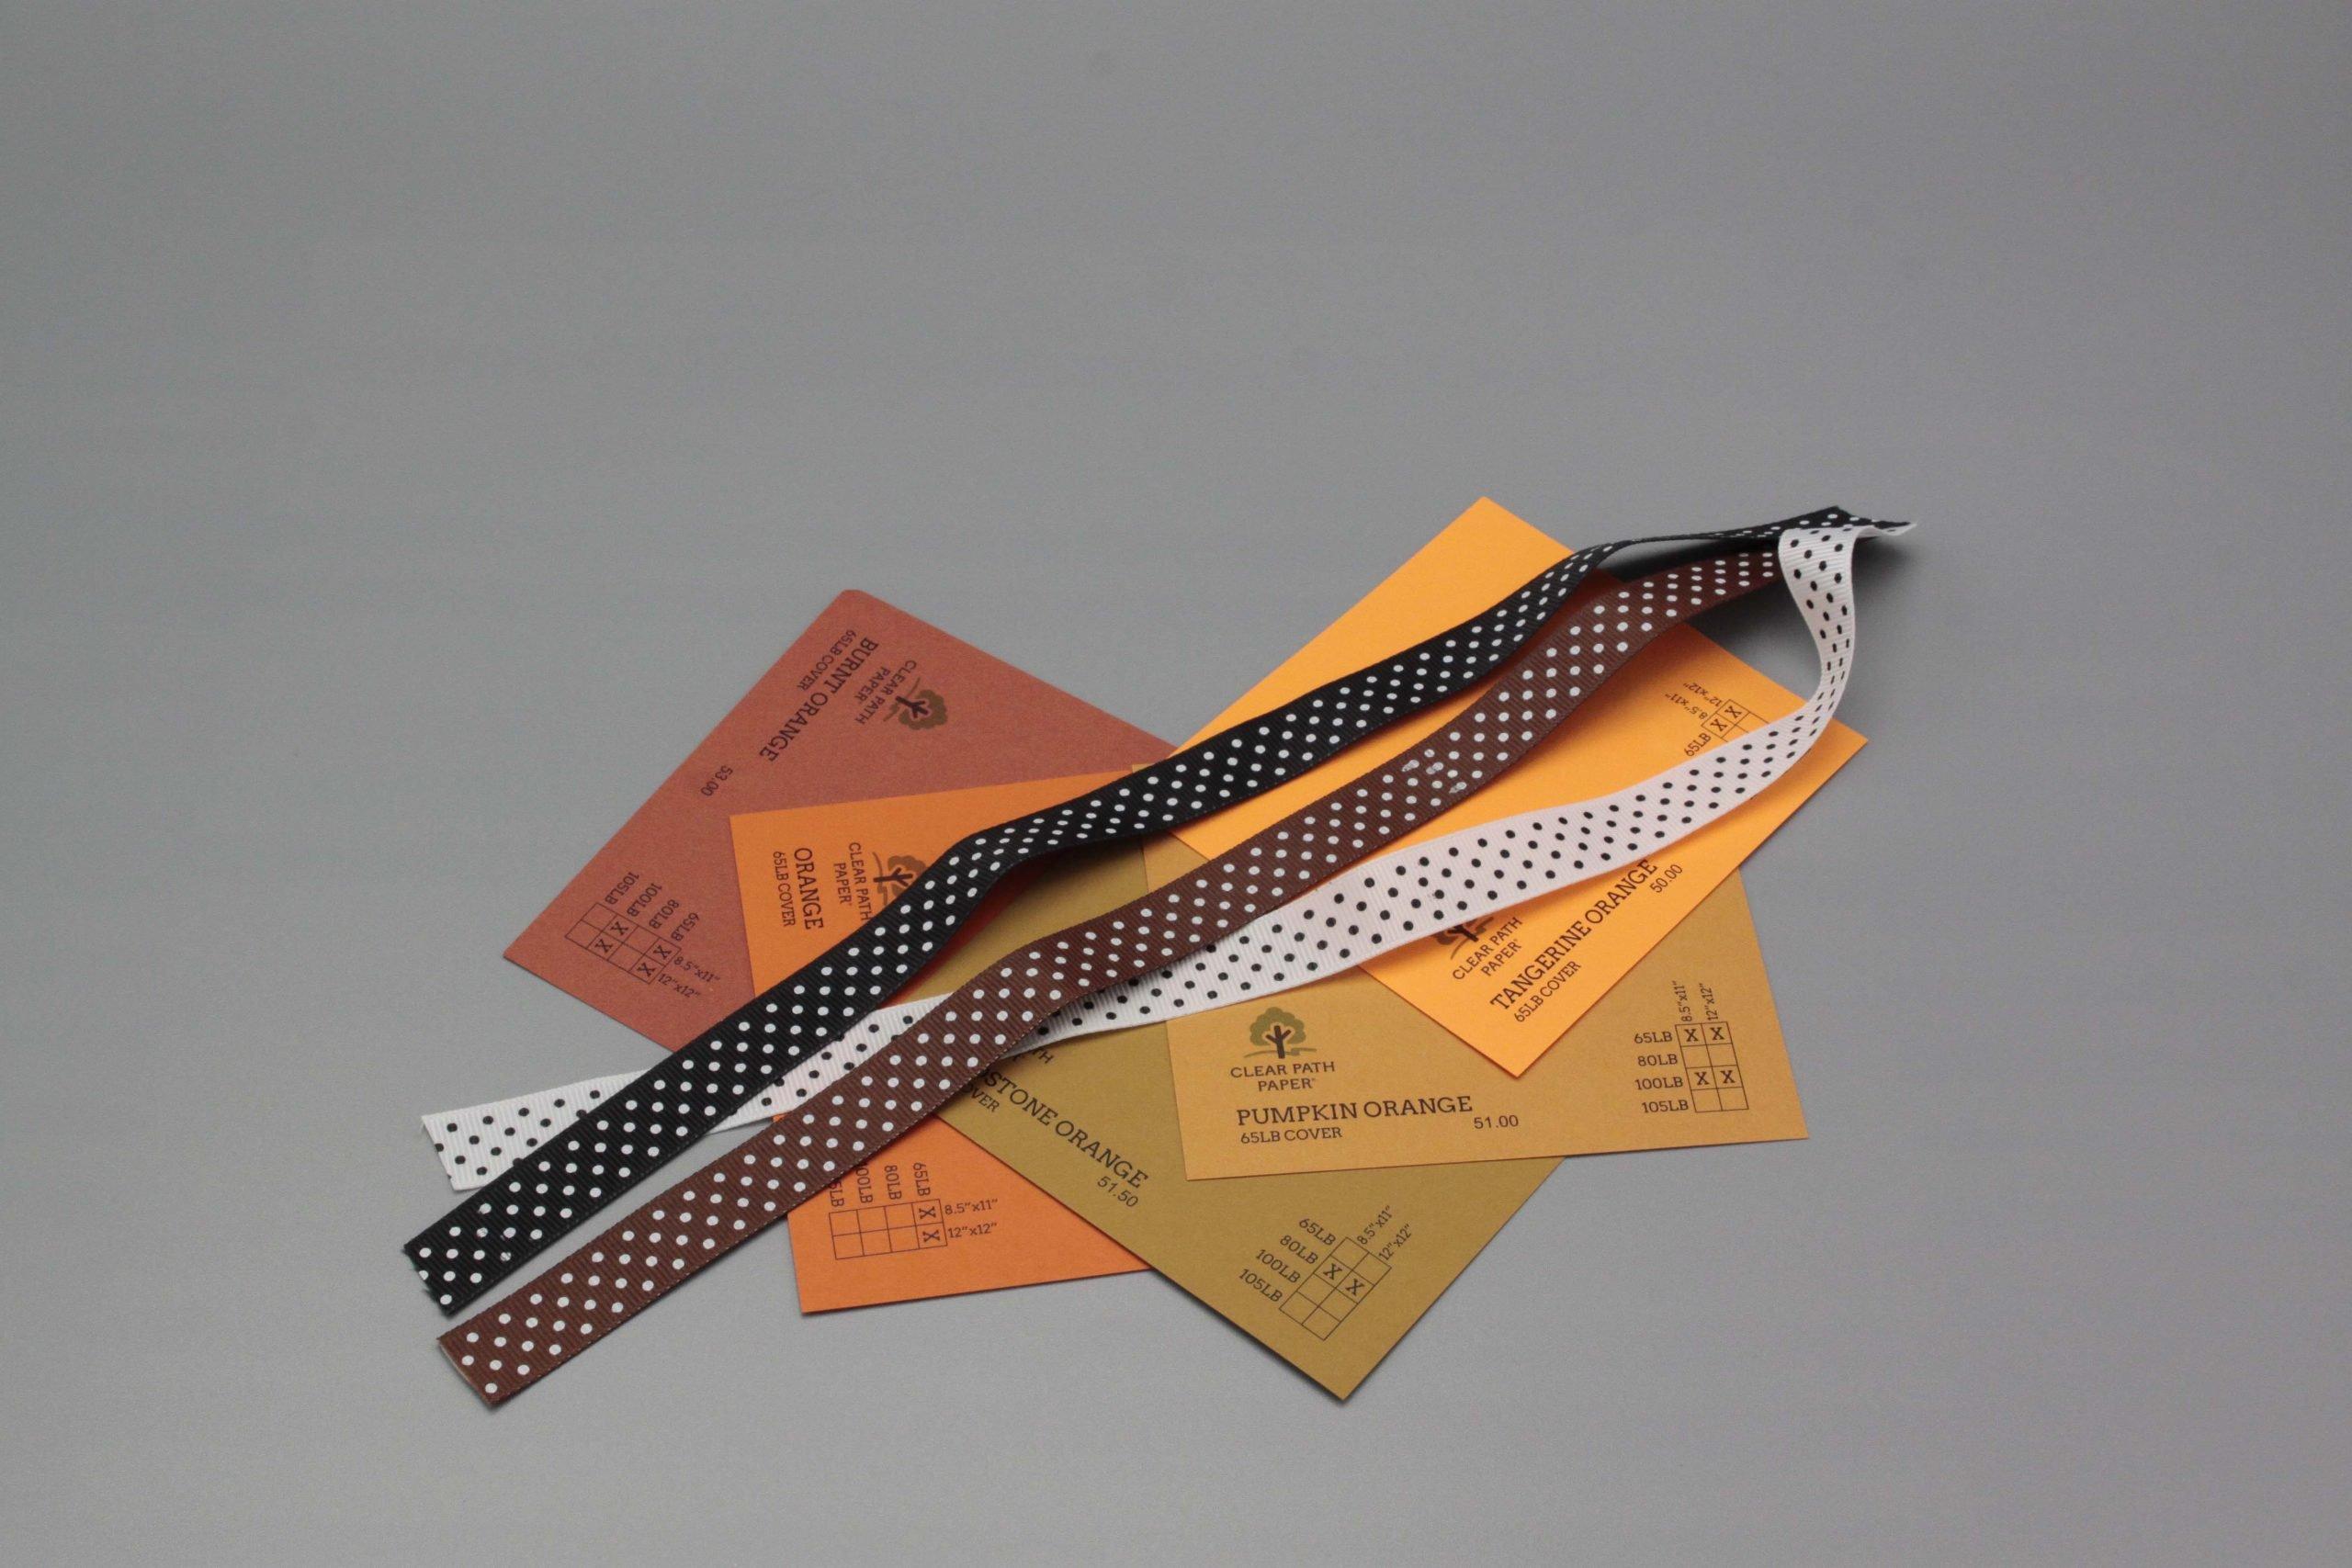 Image of Polka Dot Ribbon on Orange Cardstock